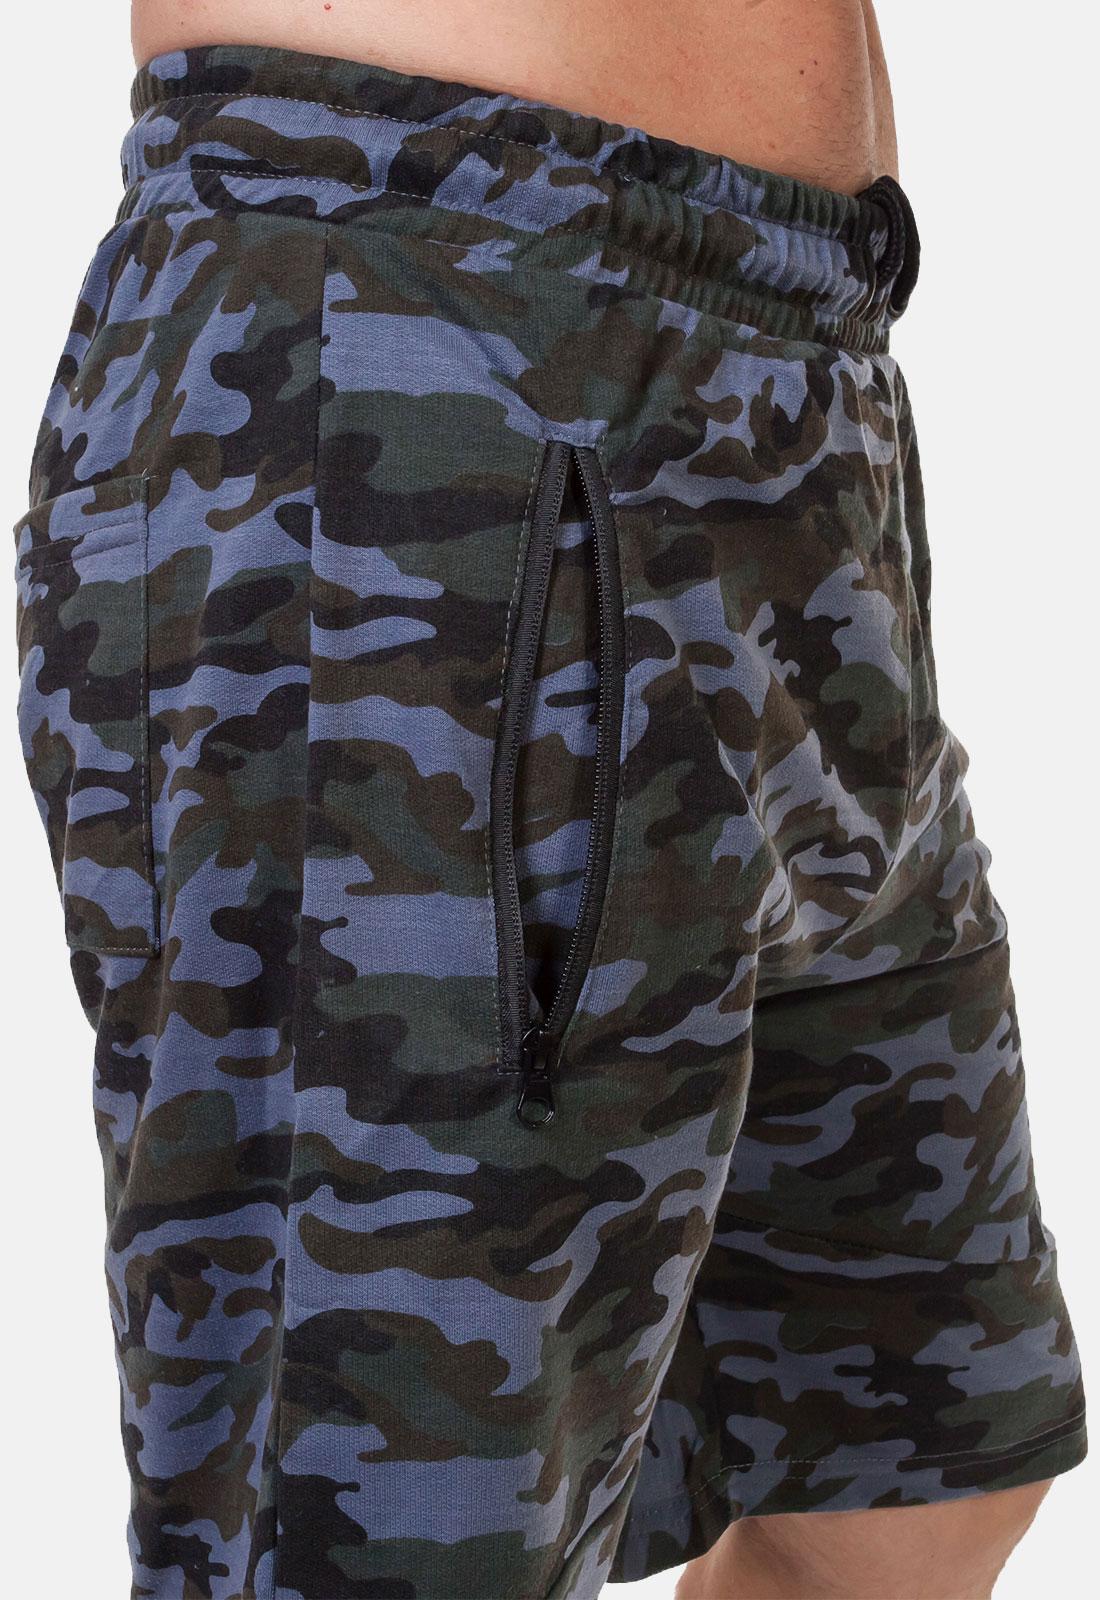 Милитари шорты удлиненного фасона с нашивкой ВКС - купить по лучшей цене